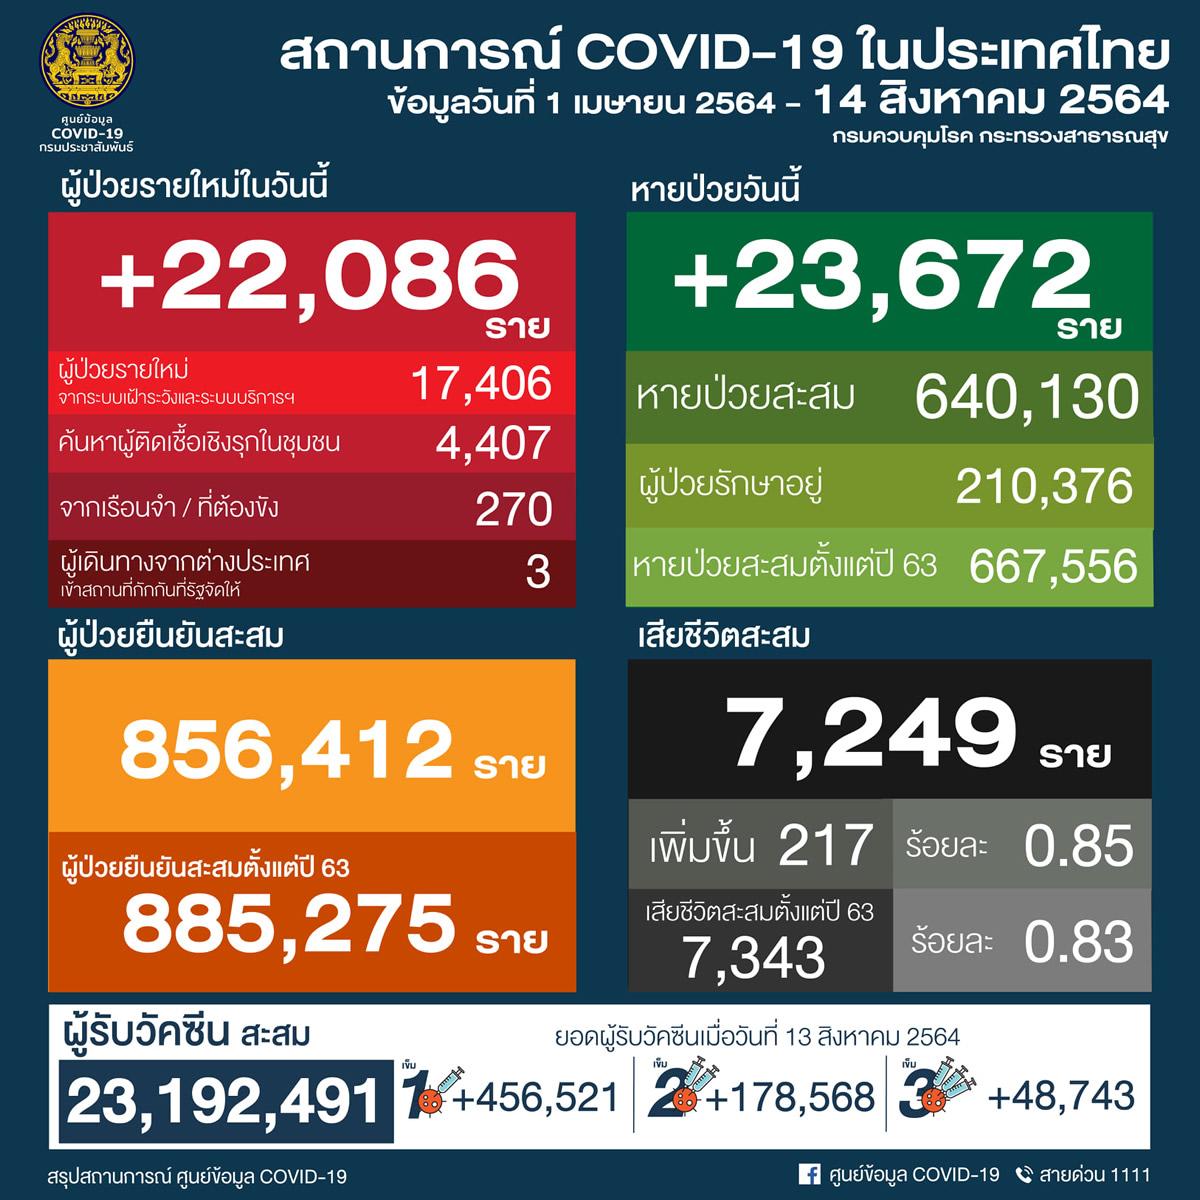 タイ 22,086人陽性 217人死亡/バンコク 5,088人陽性 96人死亡[2021年8月14日発表]